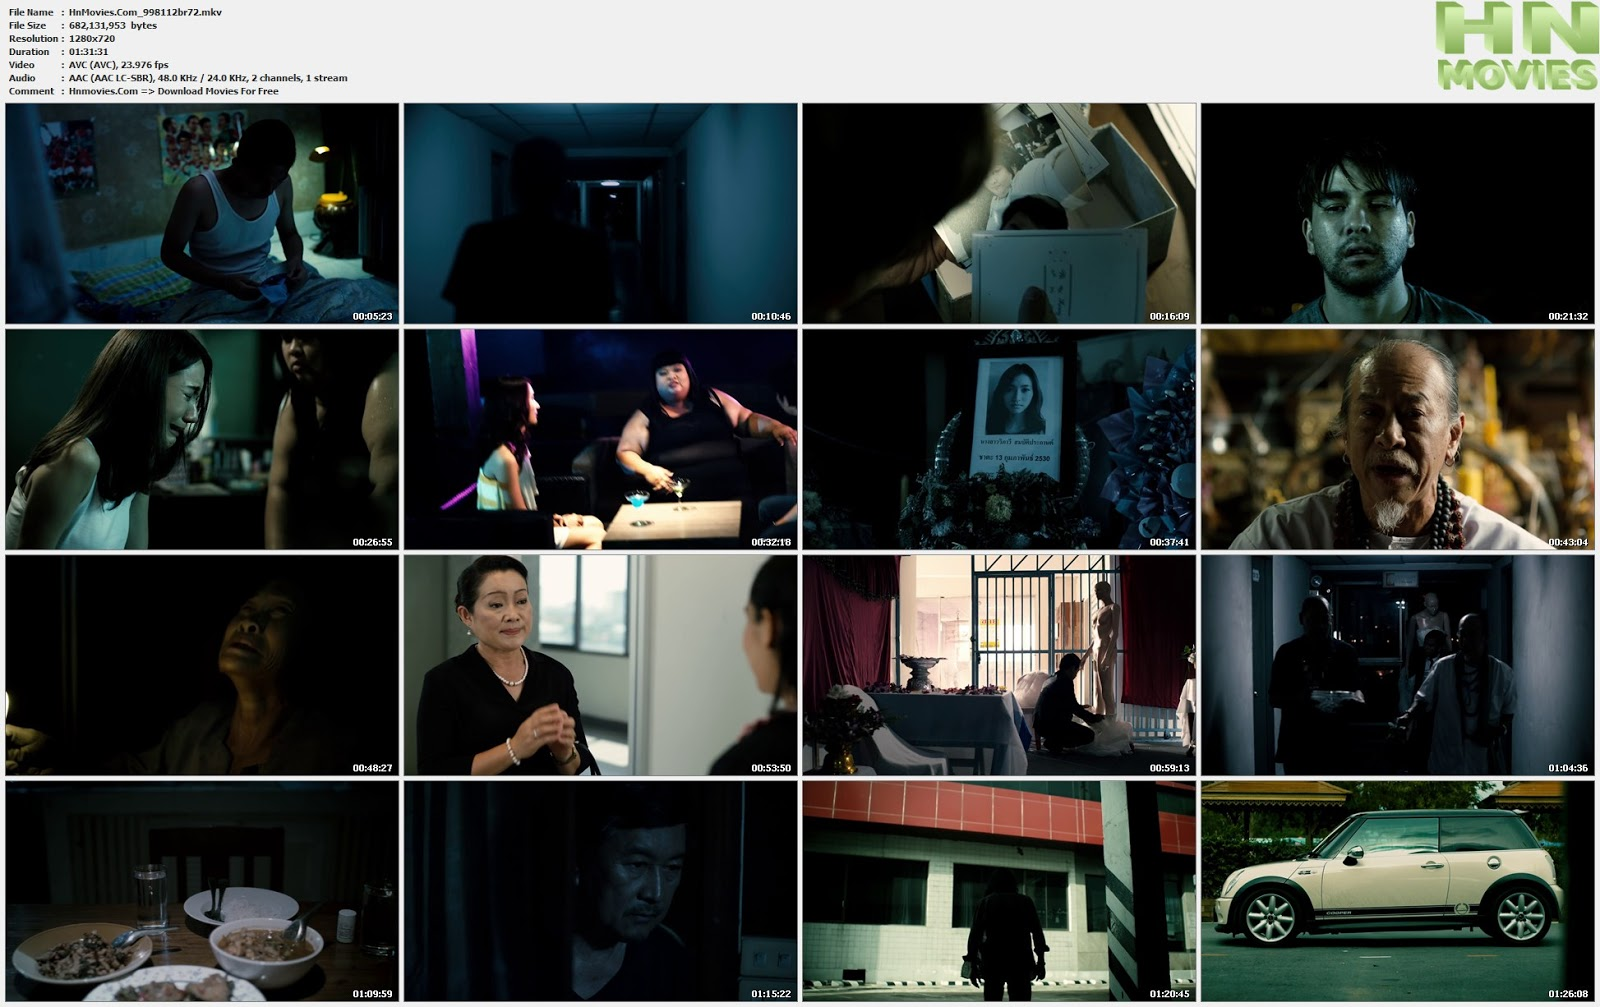 movie screenshot of 9-9-81 fdmovie.com